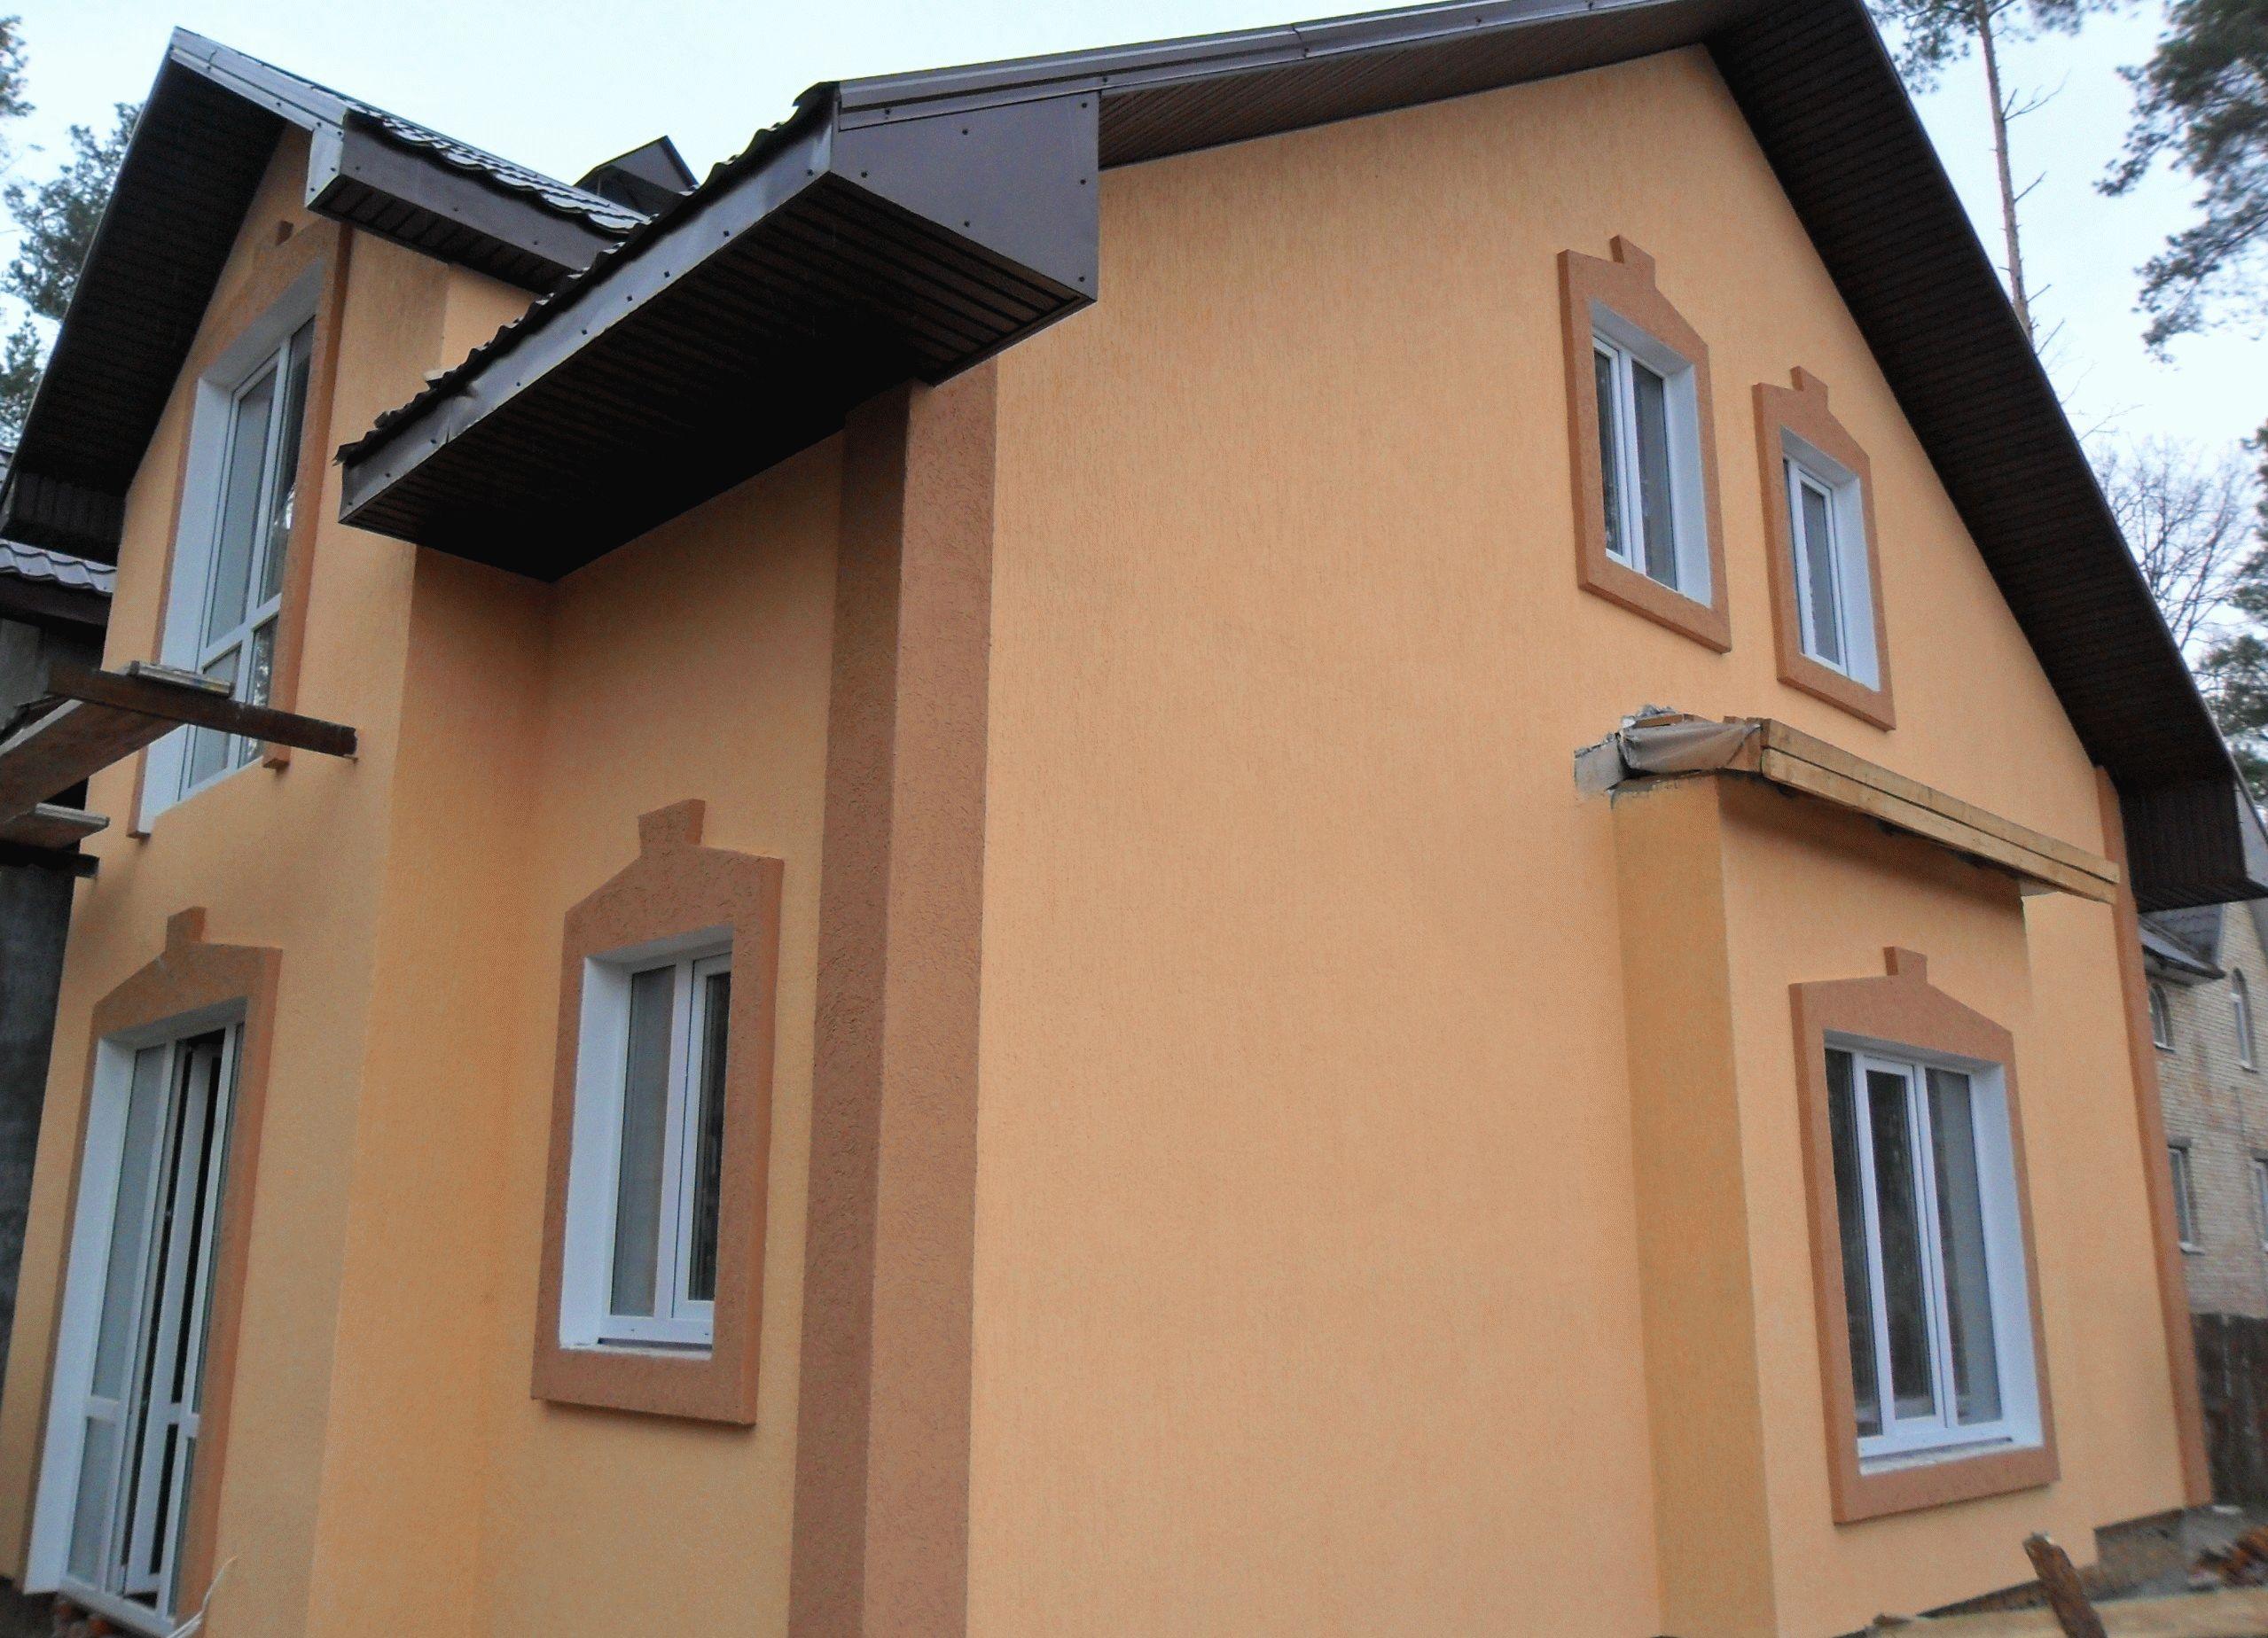 фото домов с фактурной штукатуркой что